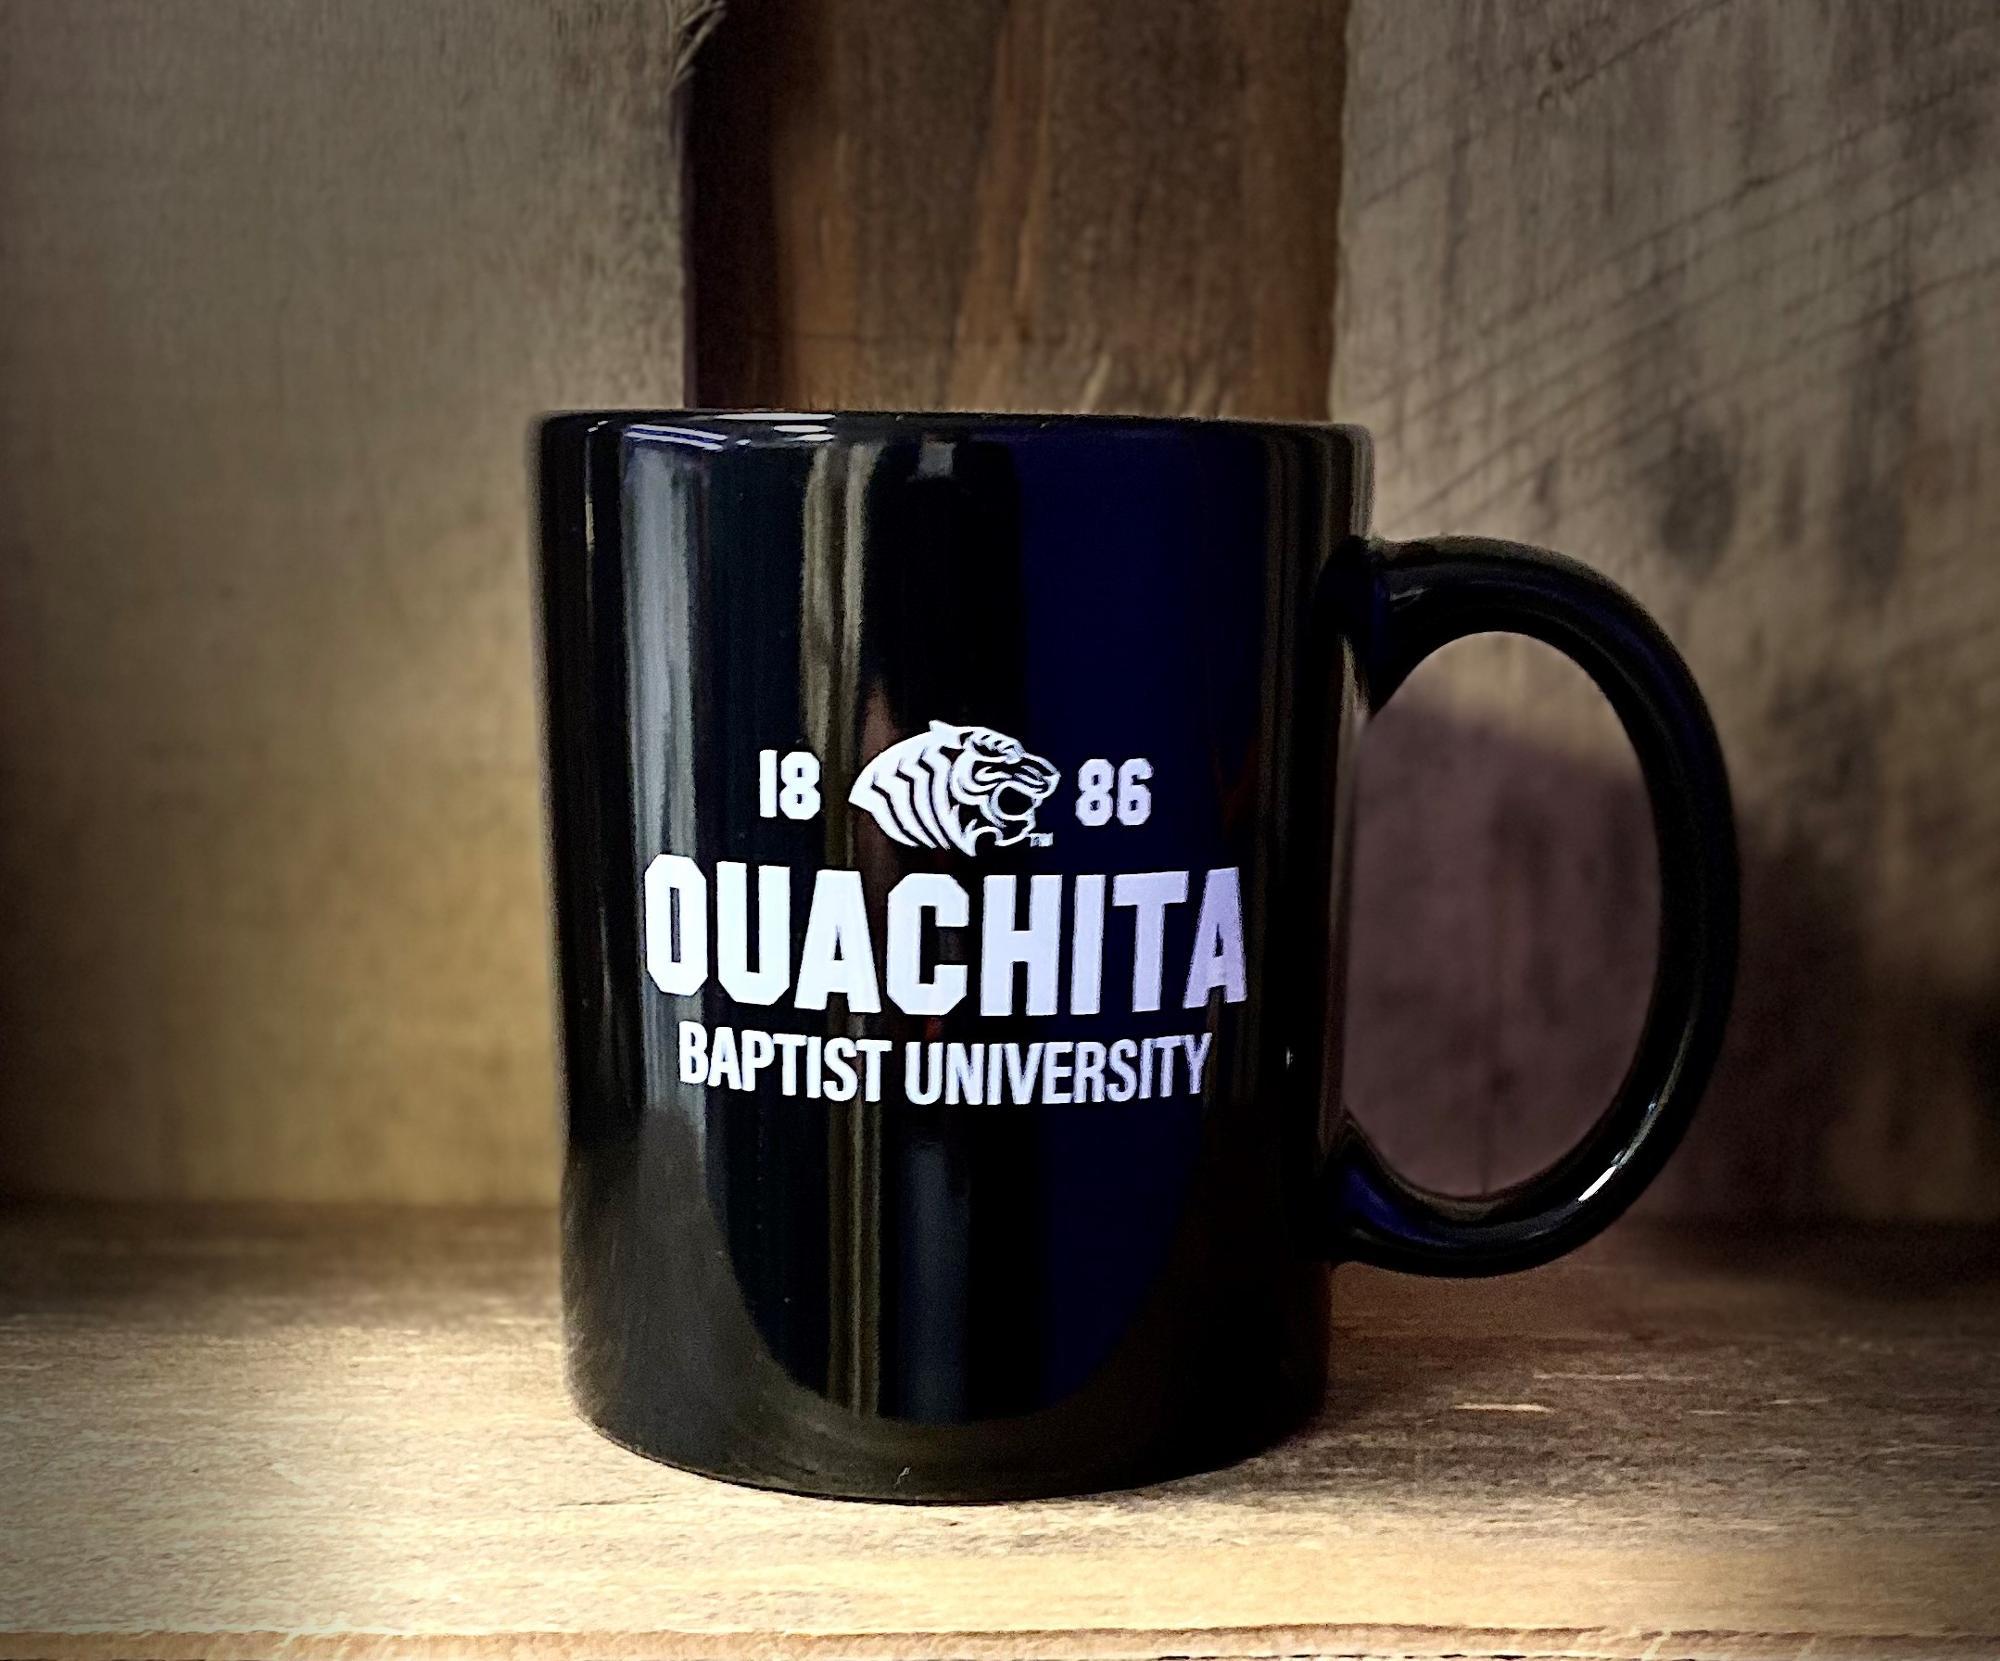 image of: OUACHITA BAPTIST UNIVERSITY 1886 MUG